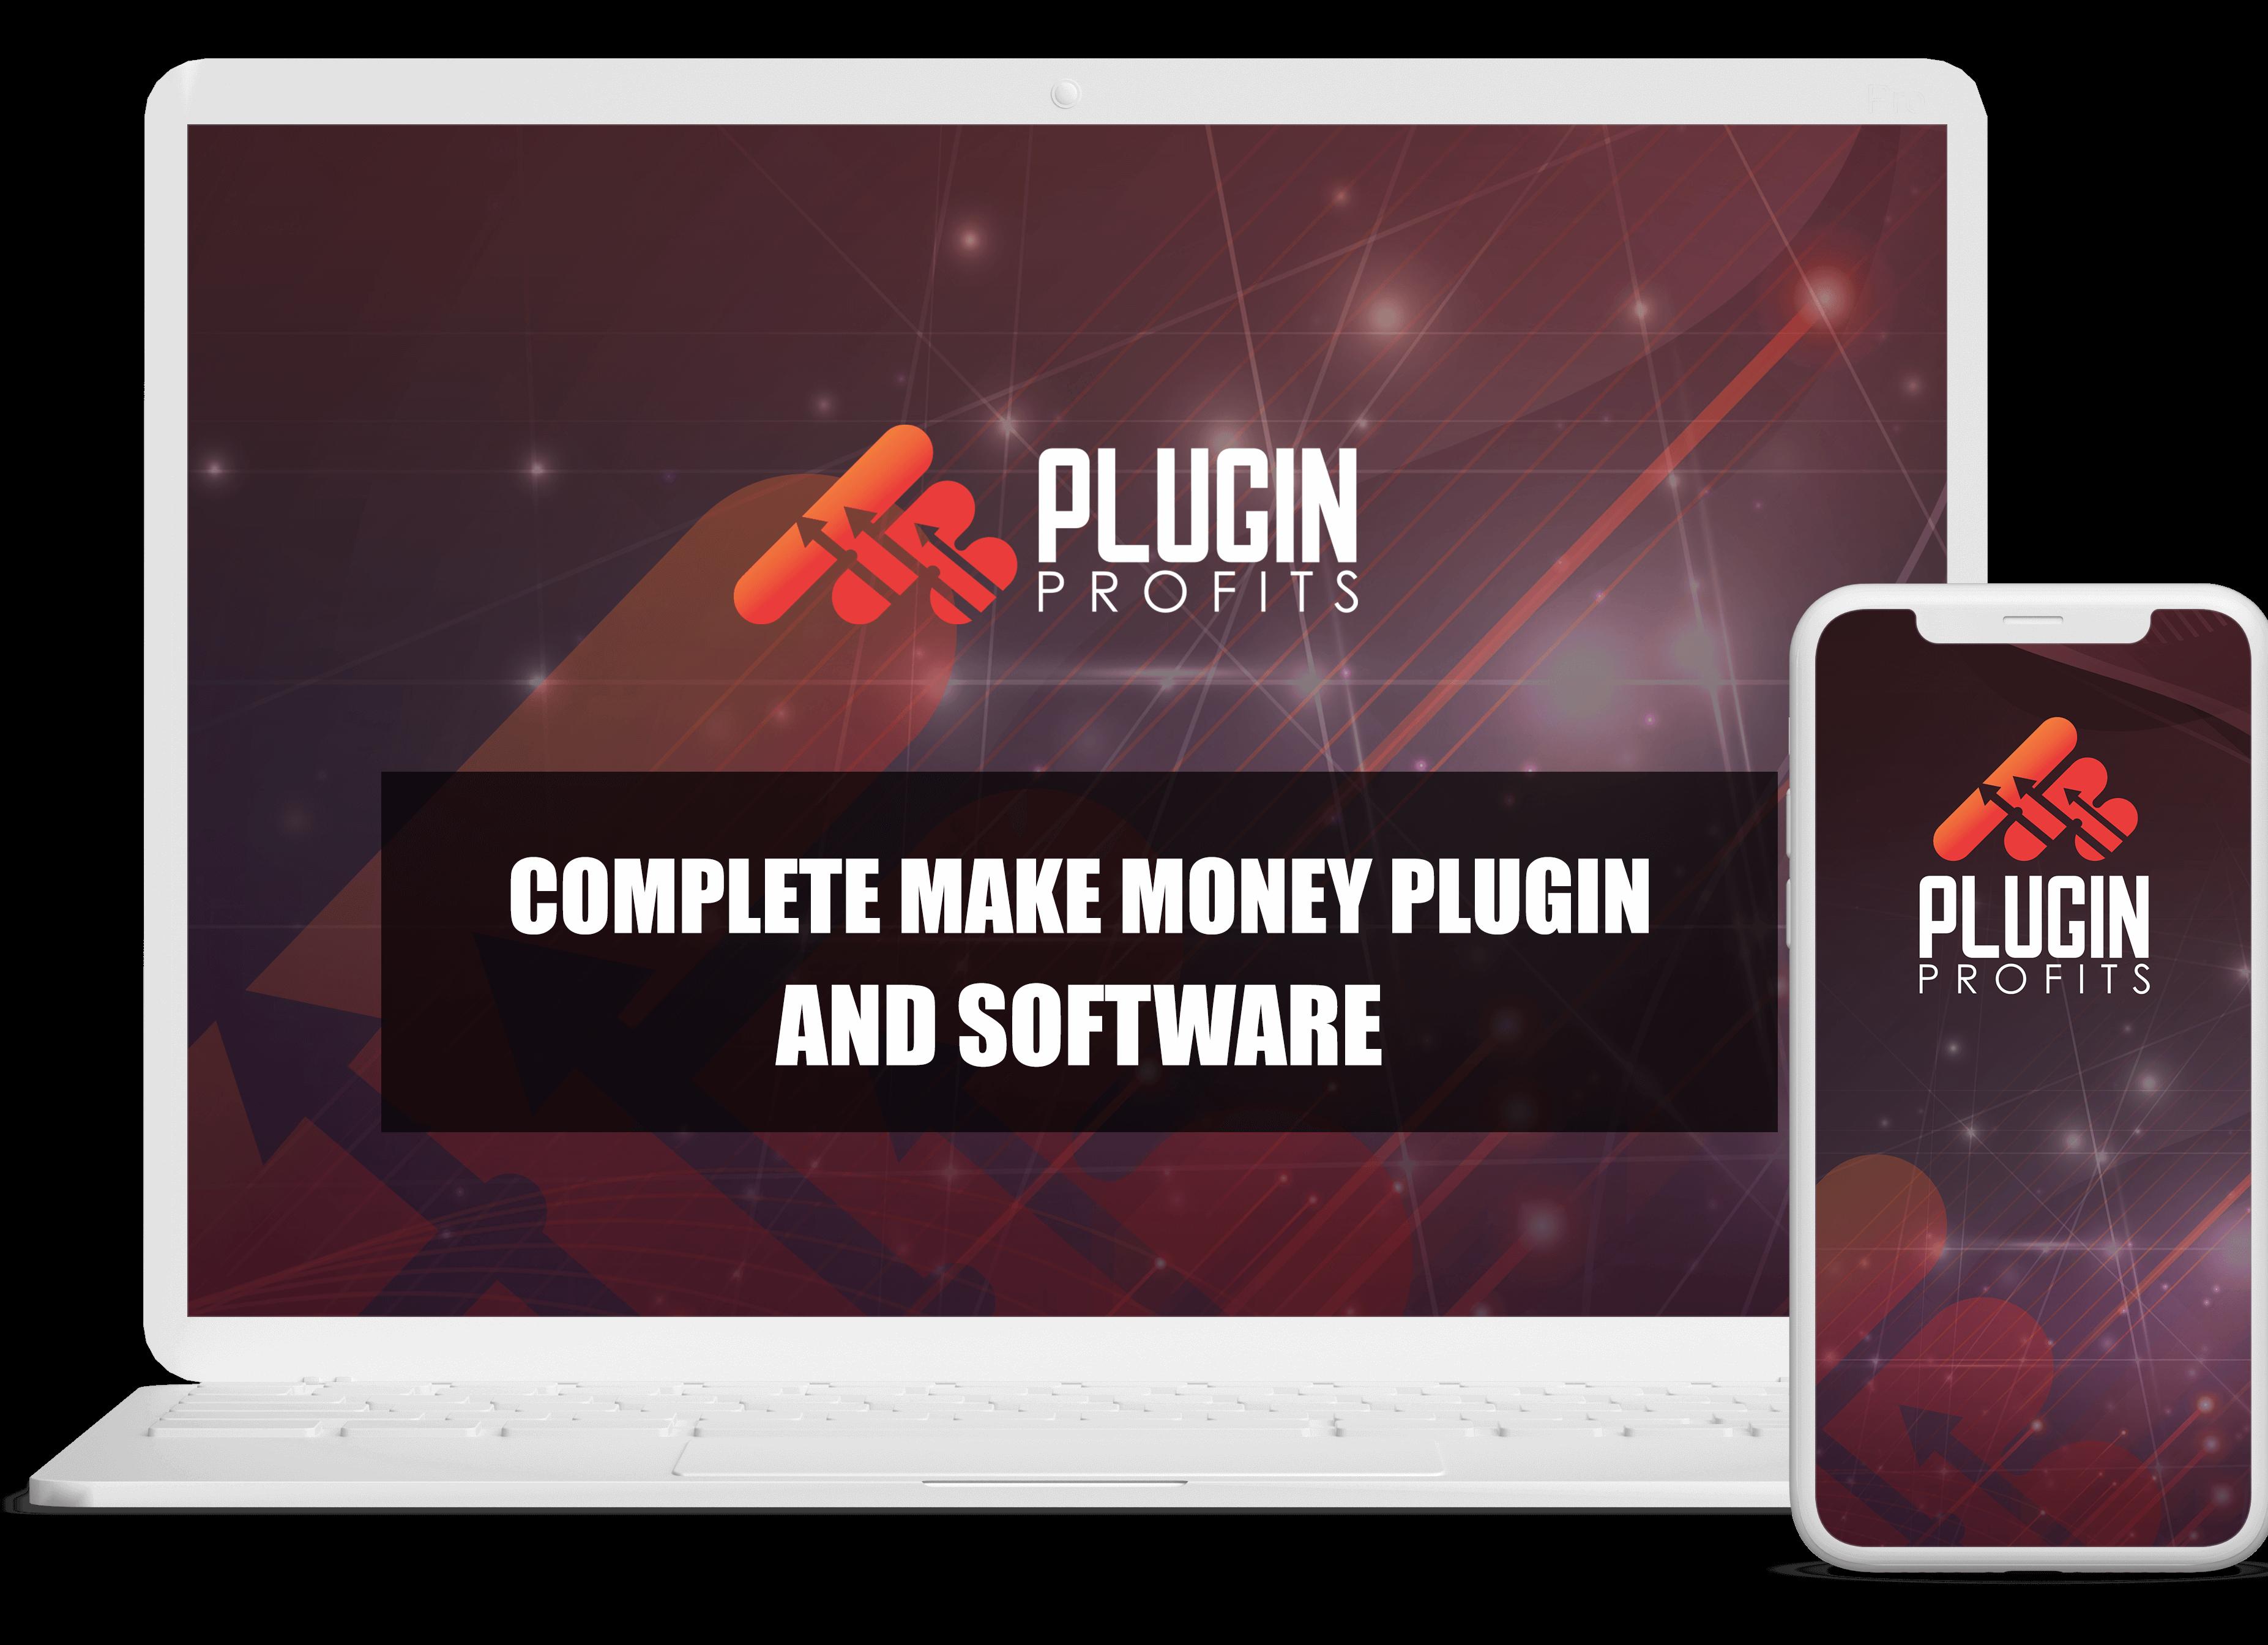 Plugin-Profits-feature-3